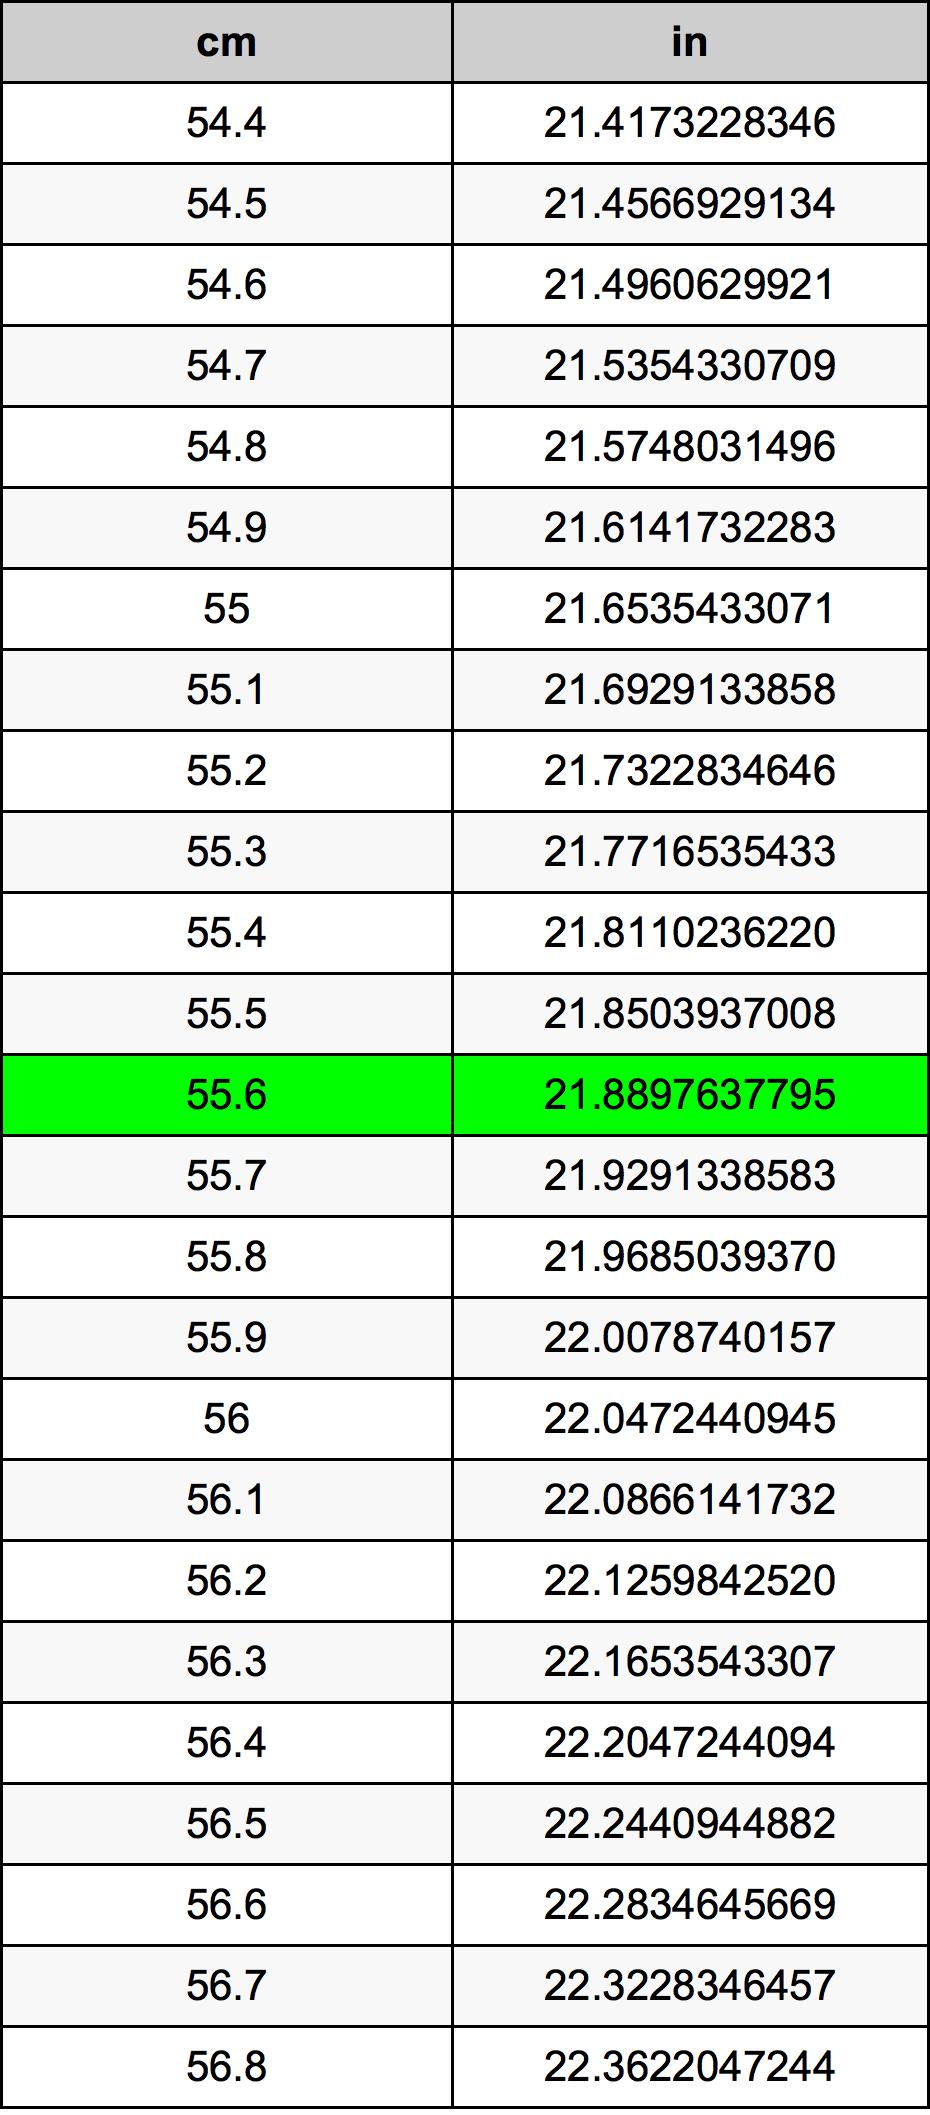 55.6センチメートル換算表